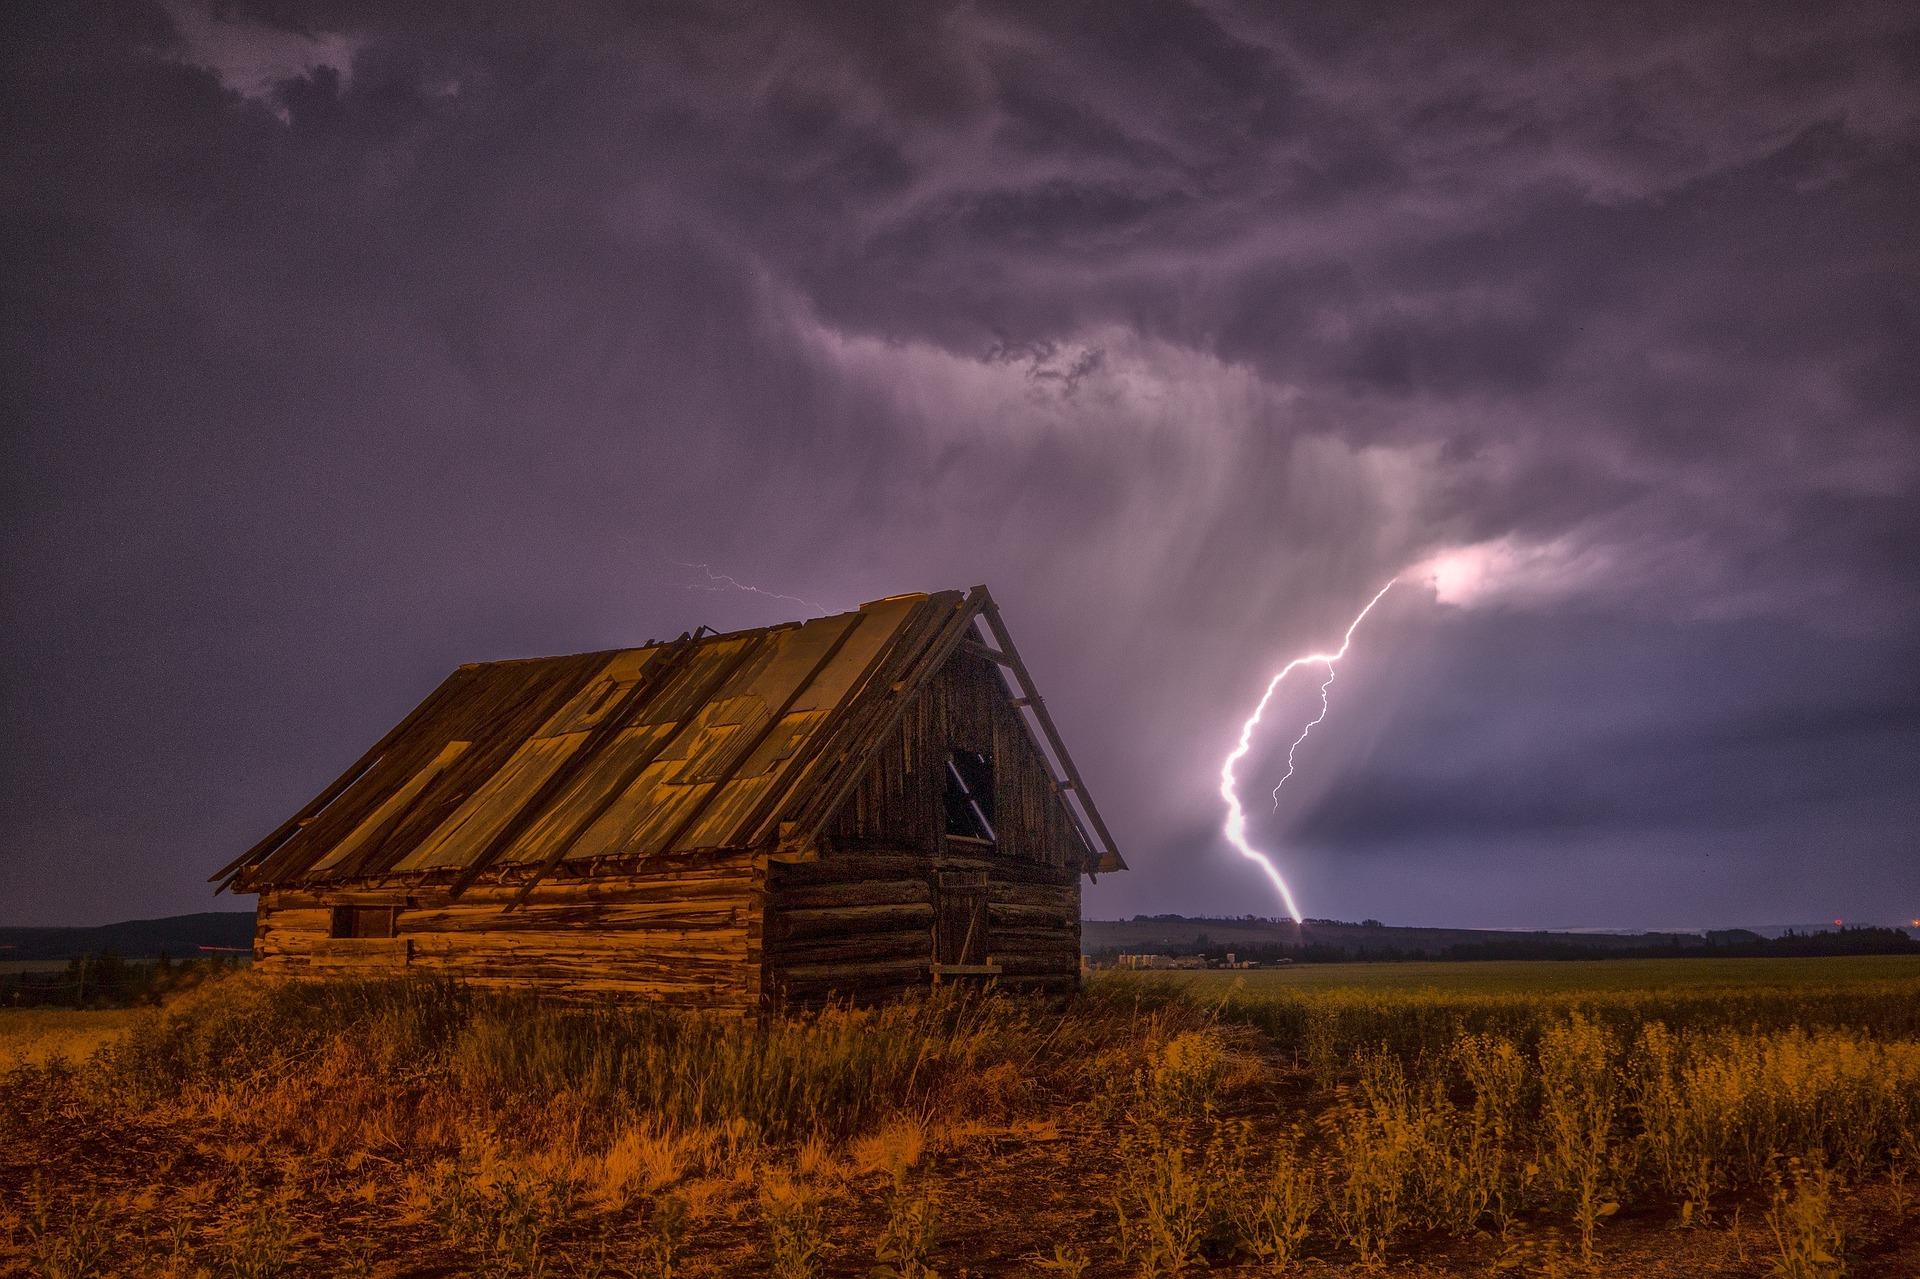 Grange, Ray, Storm, nuages, Sky, Tempest, Violet - Fonds d'écran HD - Professor-falken.com